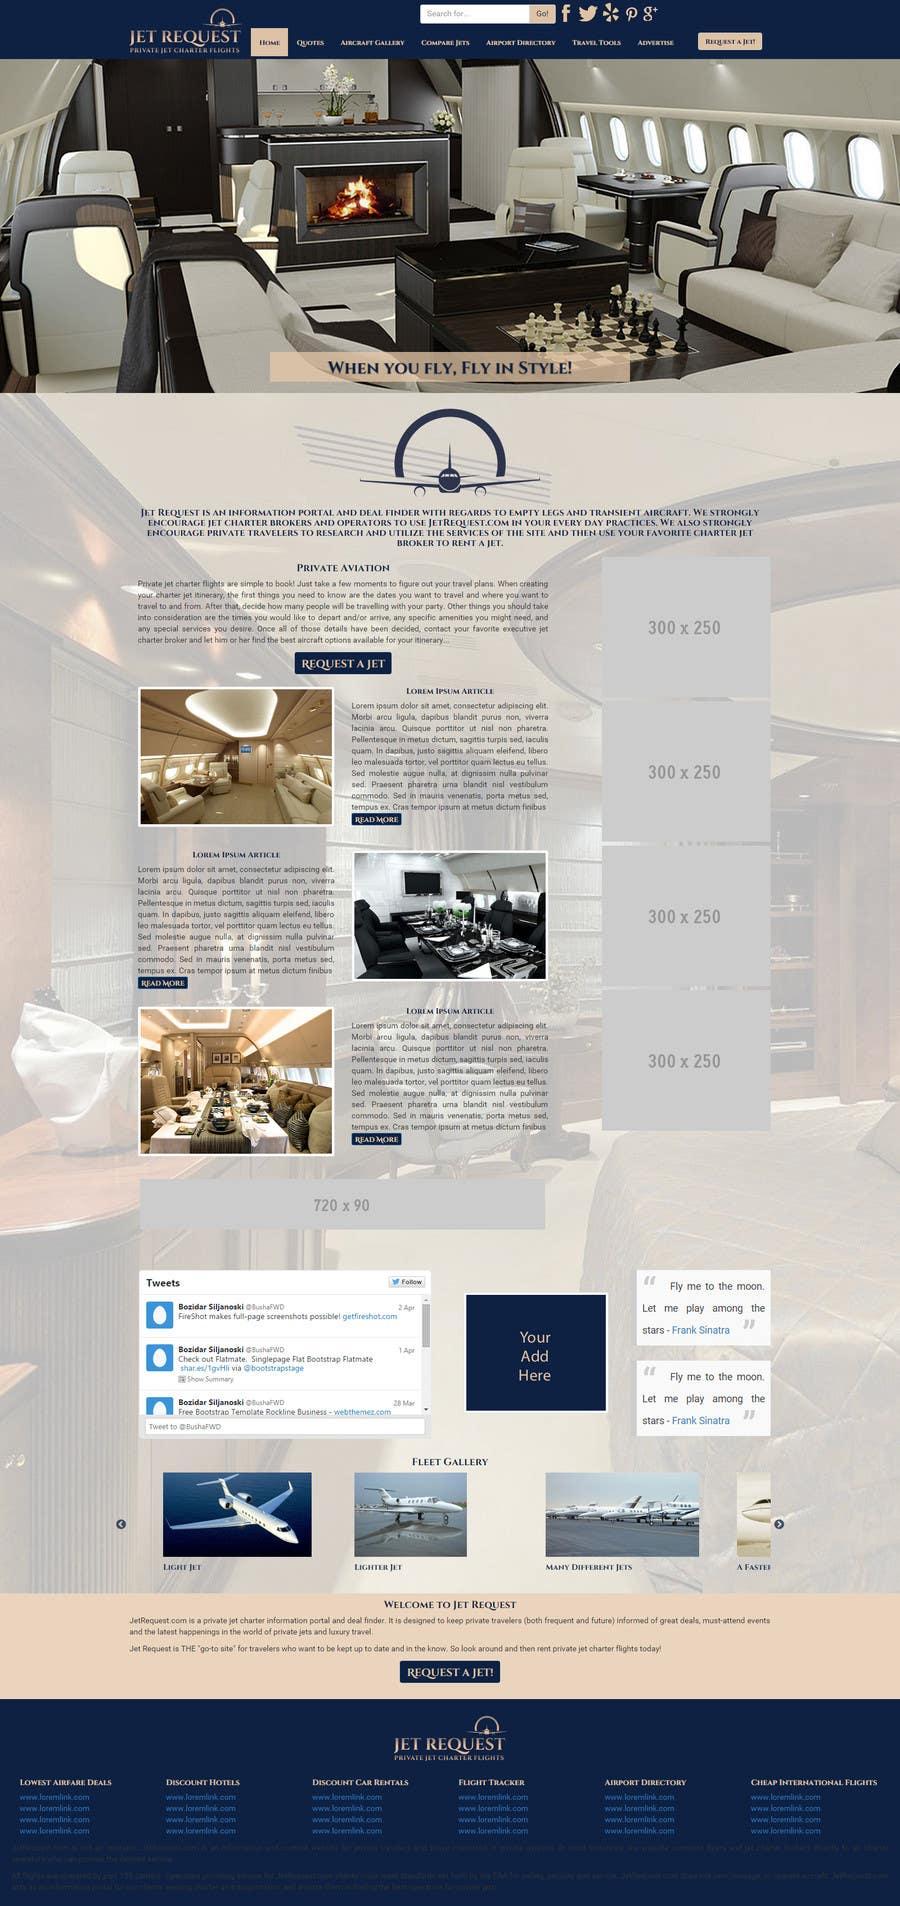 Konkurrenceindlæg #                                        37                                      for                                         Design a Website Mockup for Private Jet company